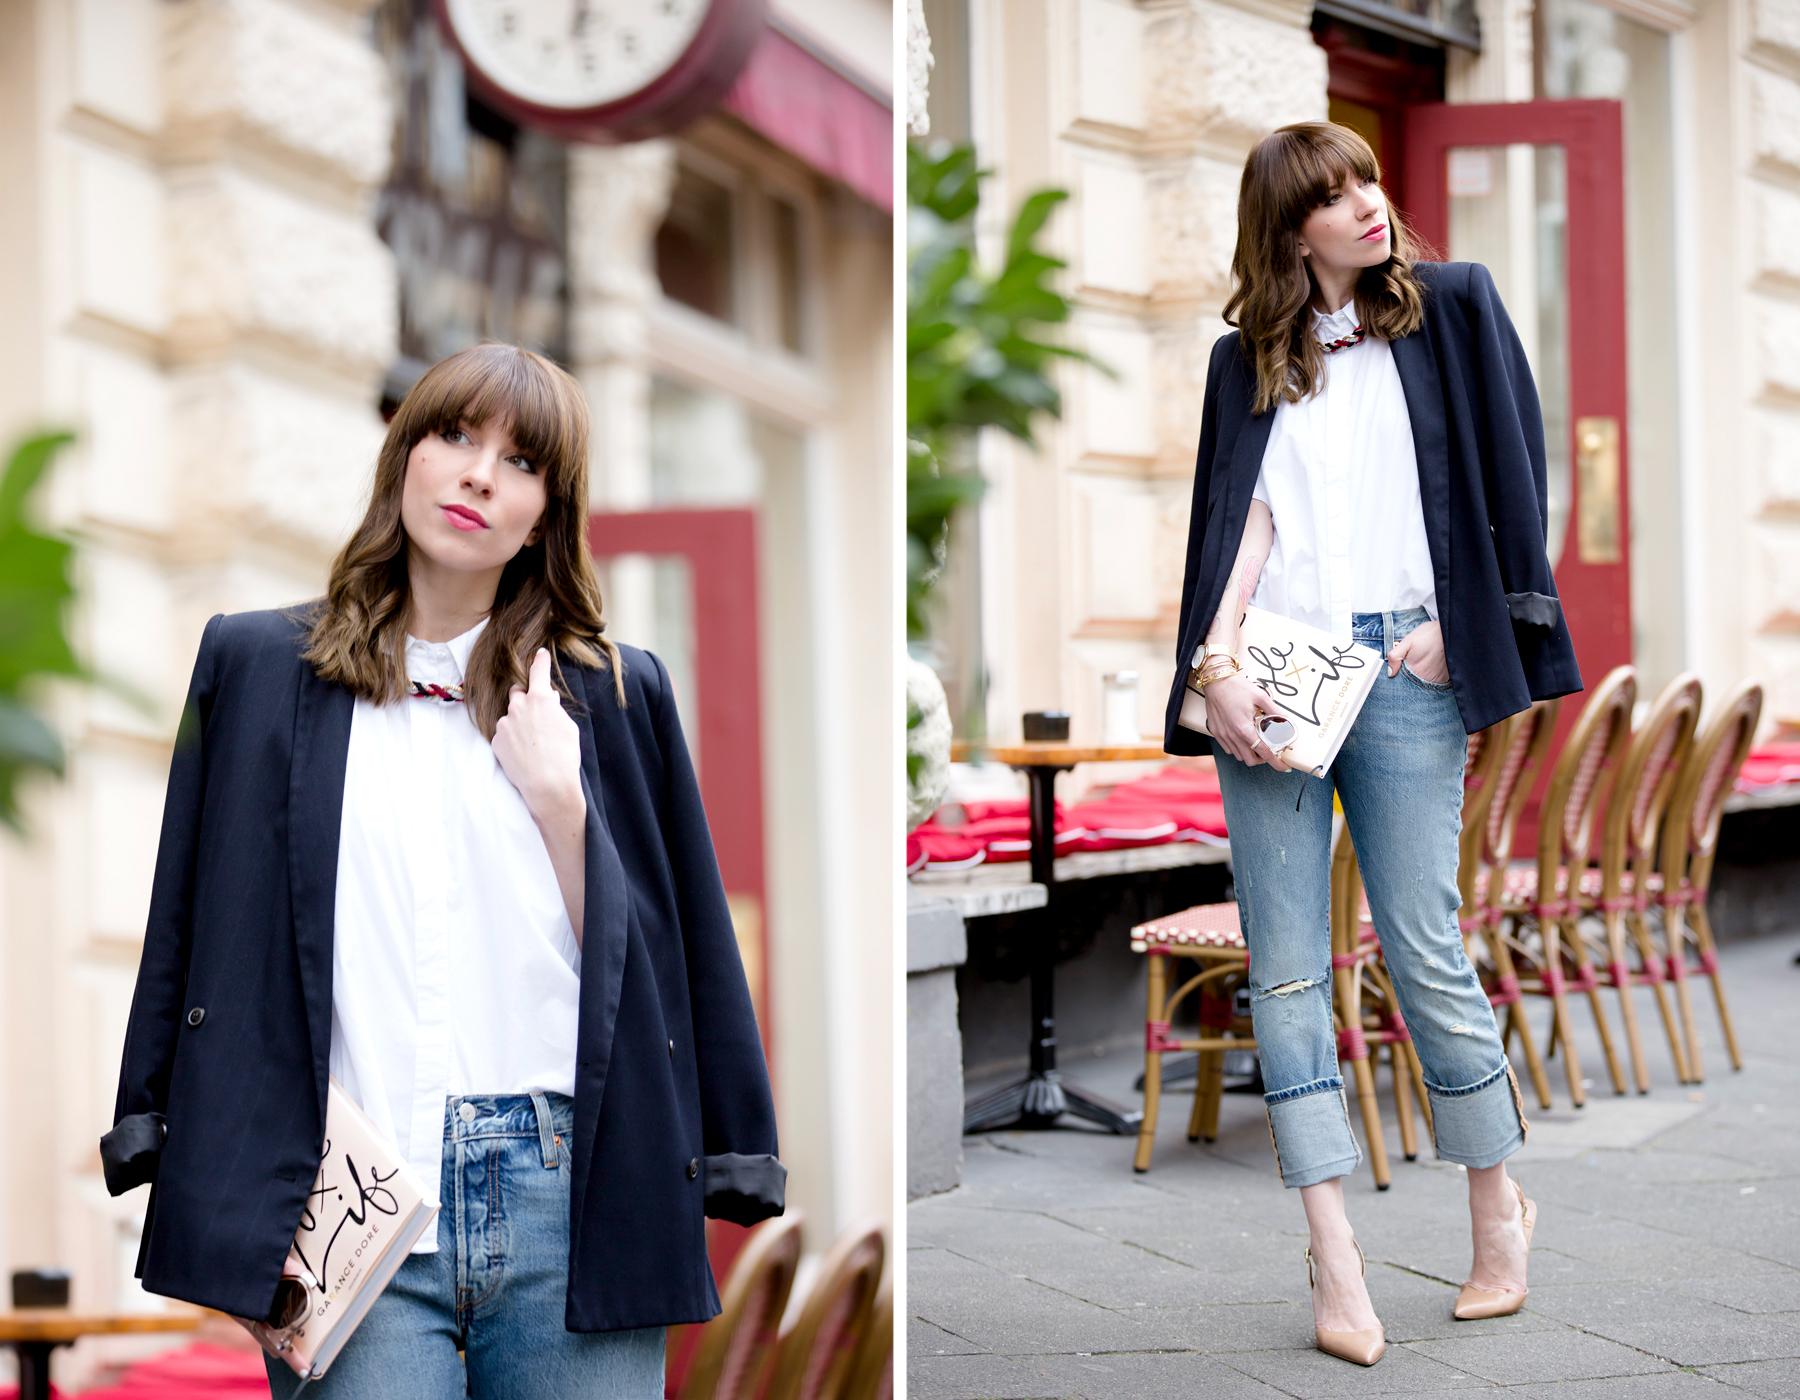 black blazer levi's 501 denim jeans nude pumps garance dore book parisienne french style blogger fashionblogger ootd outfit bangs brunette paris cute girl cats & dogs fashionblog ricarda schernus shopbop sale 5